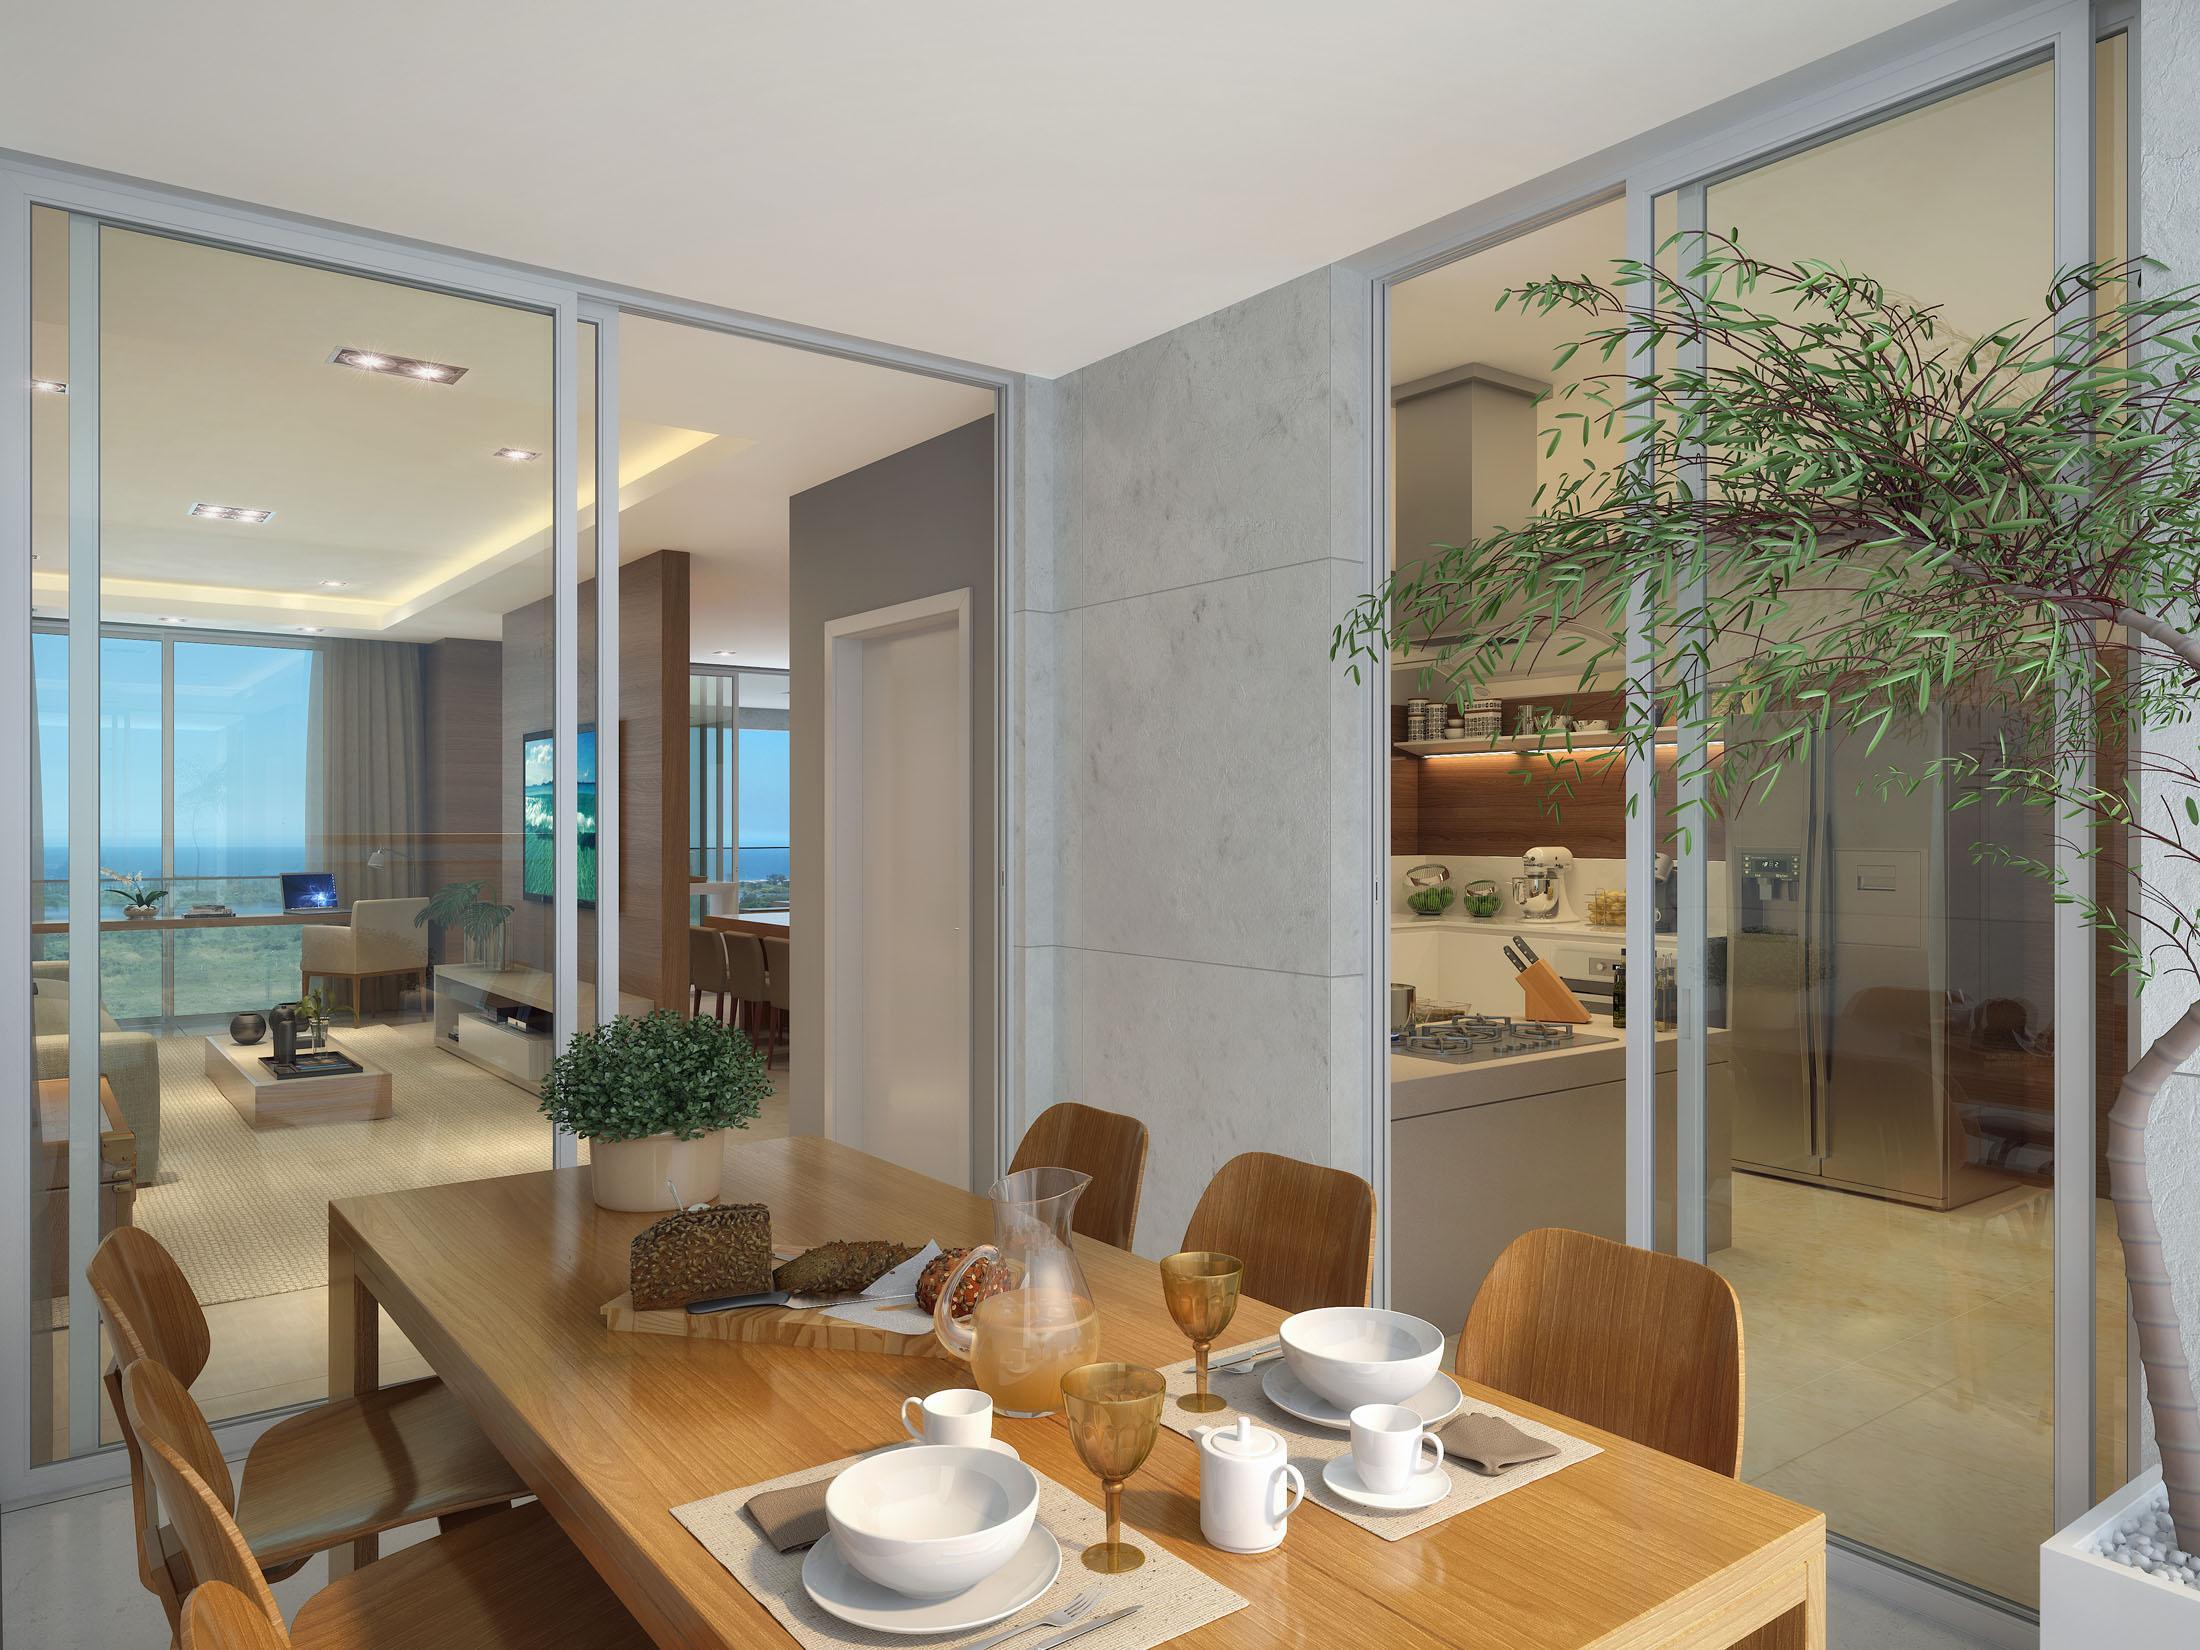 Varanda | Riserva Golf Vista Mare Residenziale – Apartamentona  Barra da Tijuca - Rio de Janeiro - Rio de Janeiro